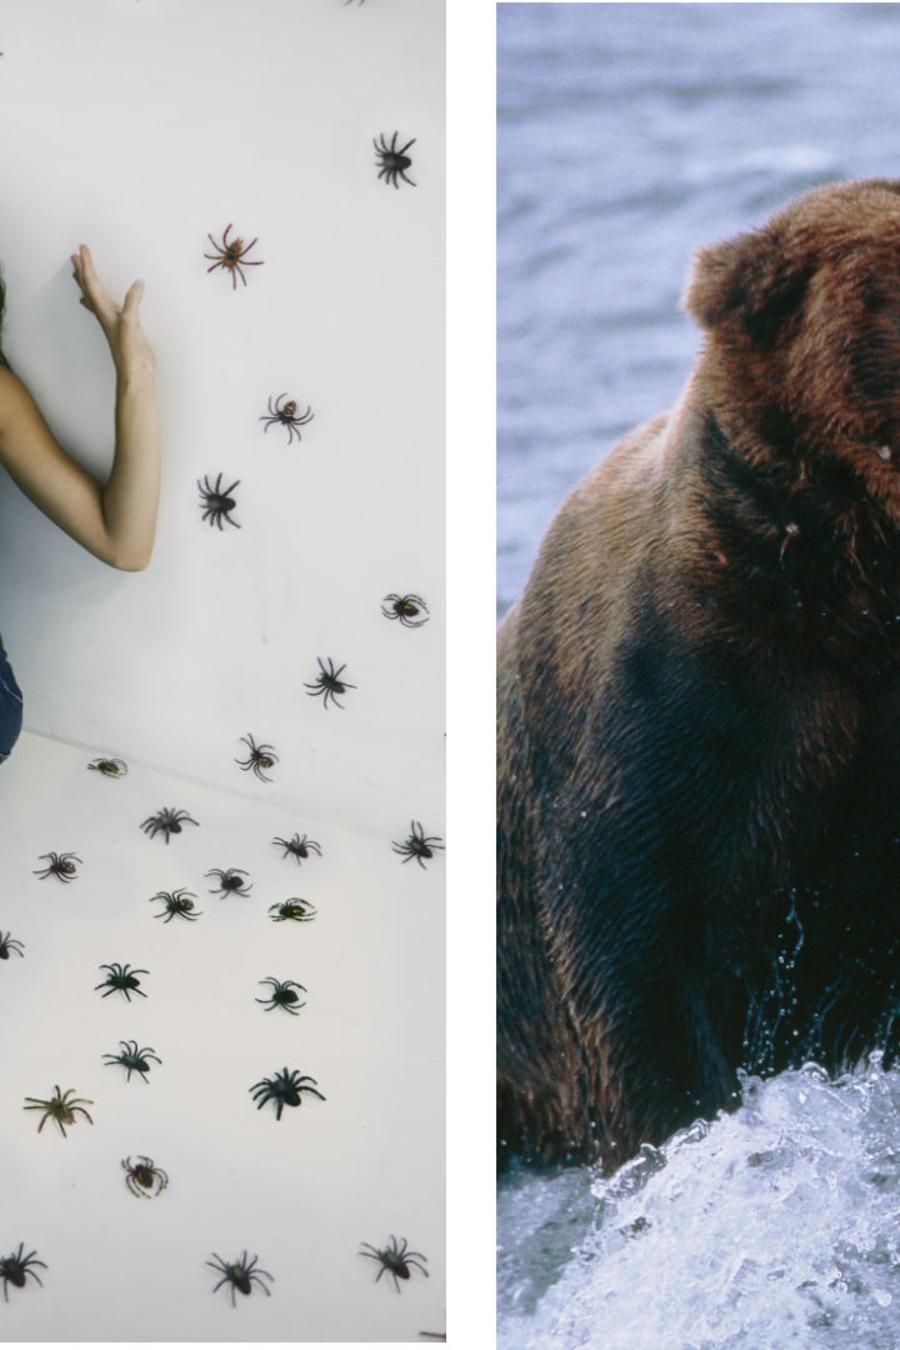 Arañas y osos